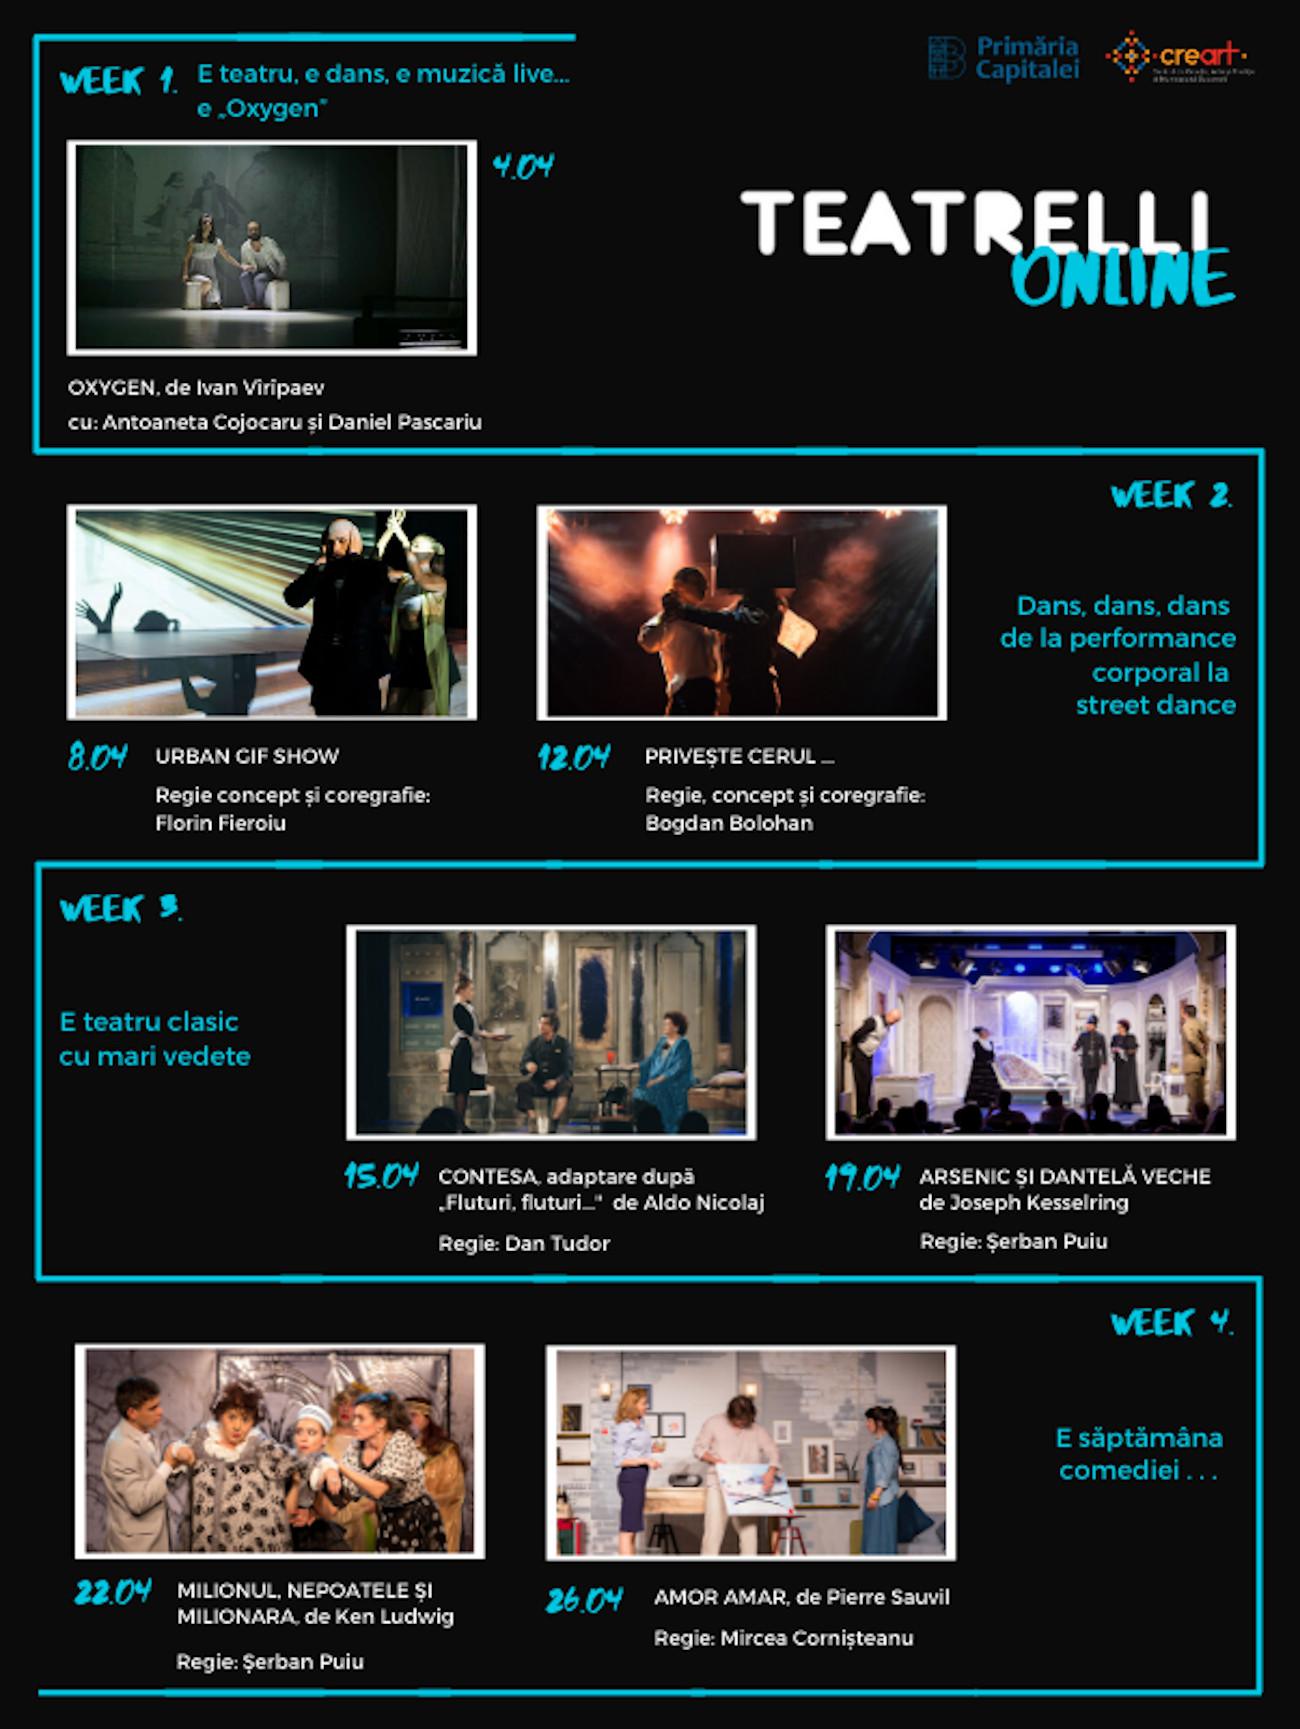 Teatrelli online vizual